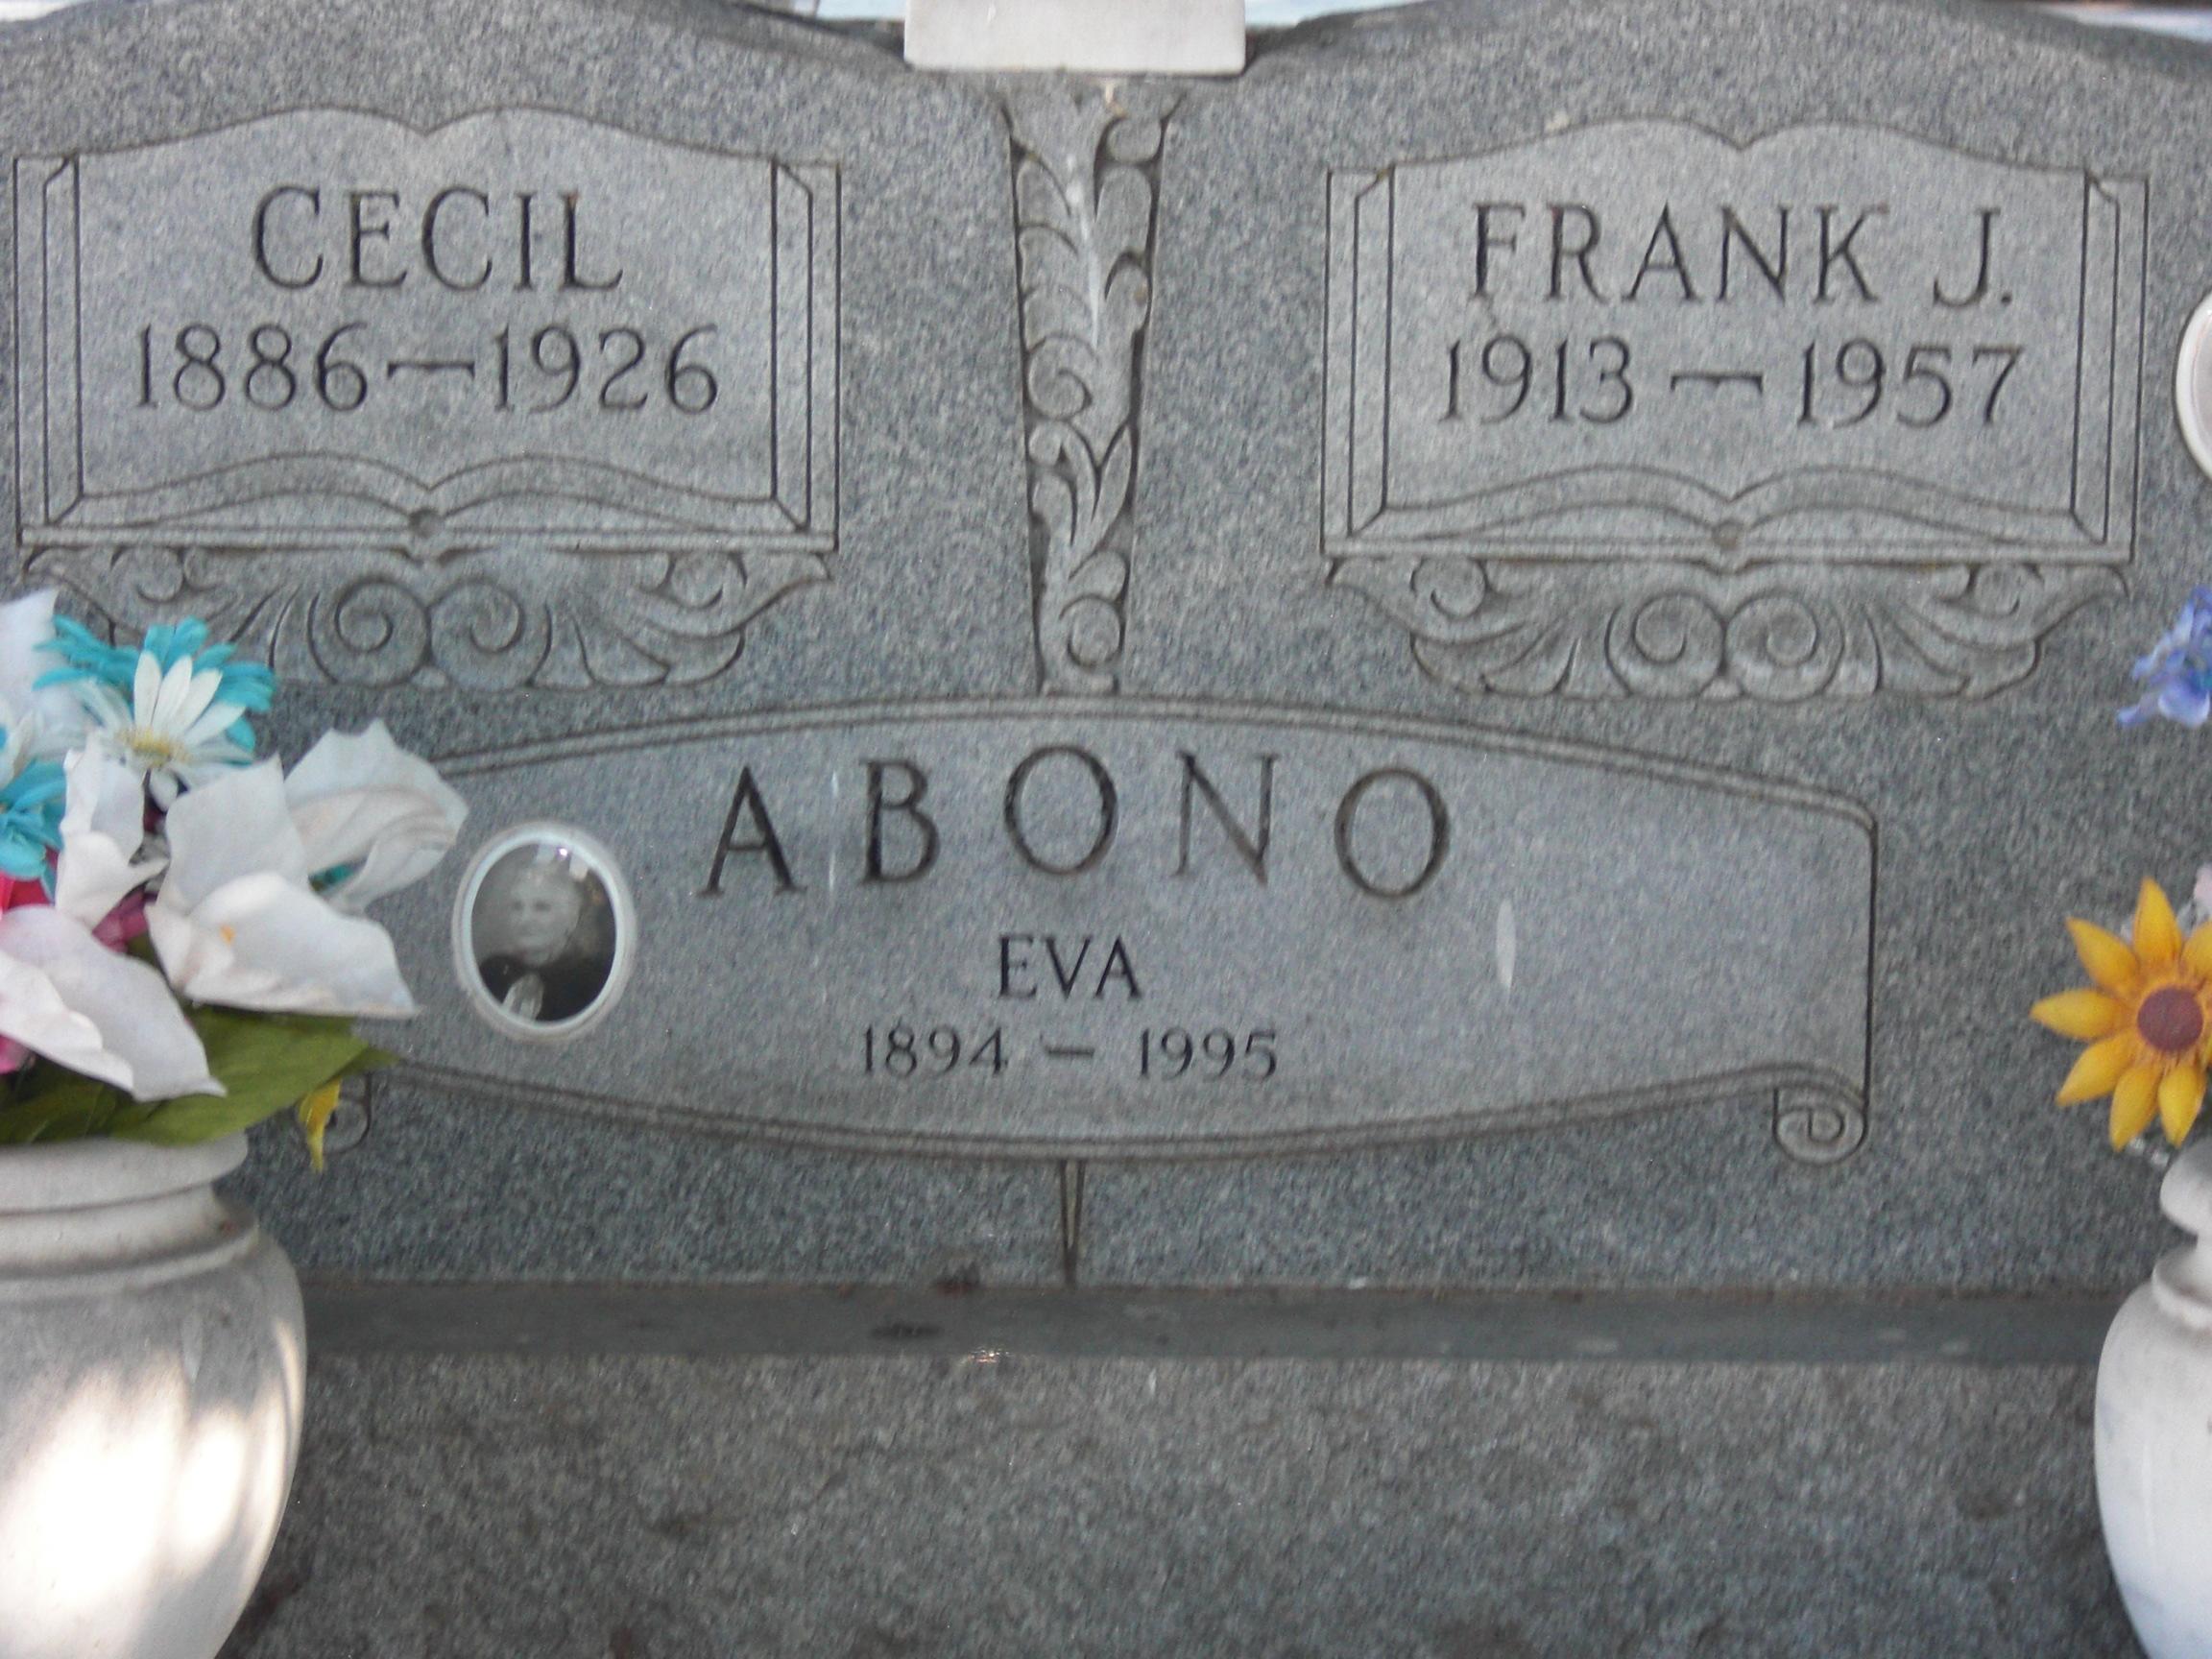 Cecil Salvatore Abono